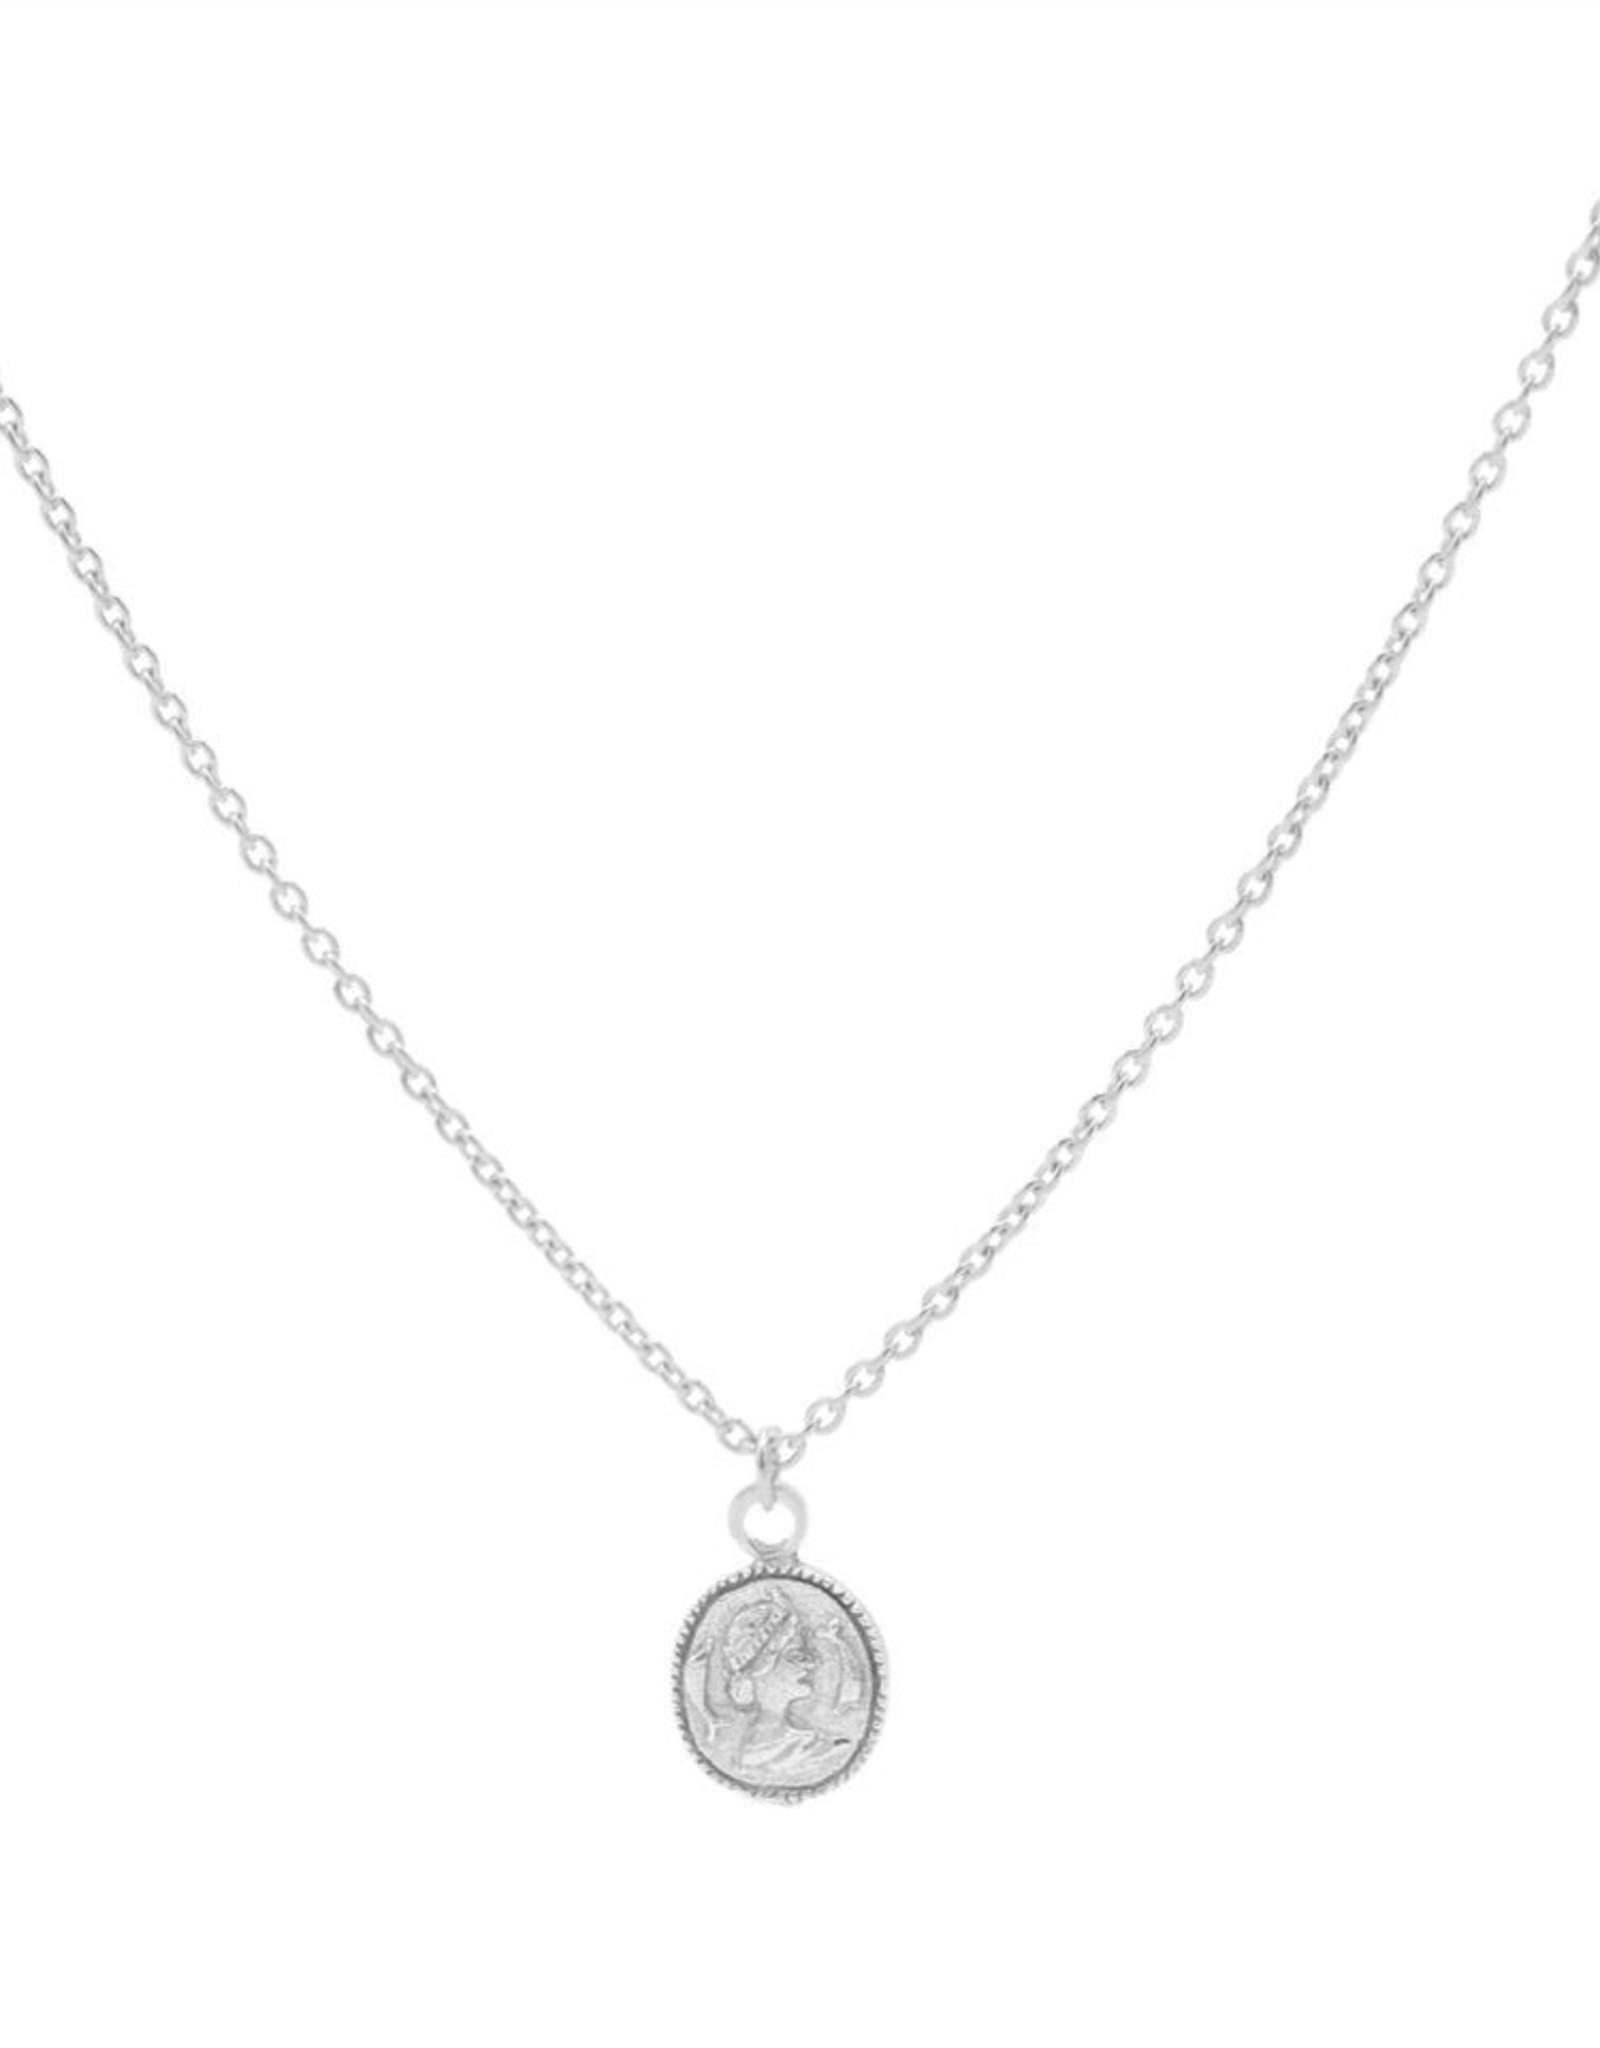 Karma Necklace Coin Silver 50-57CM